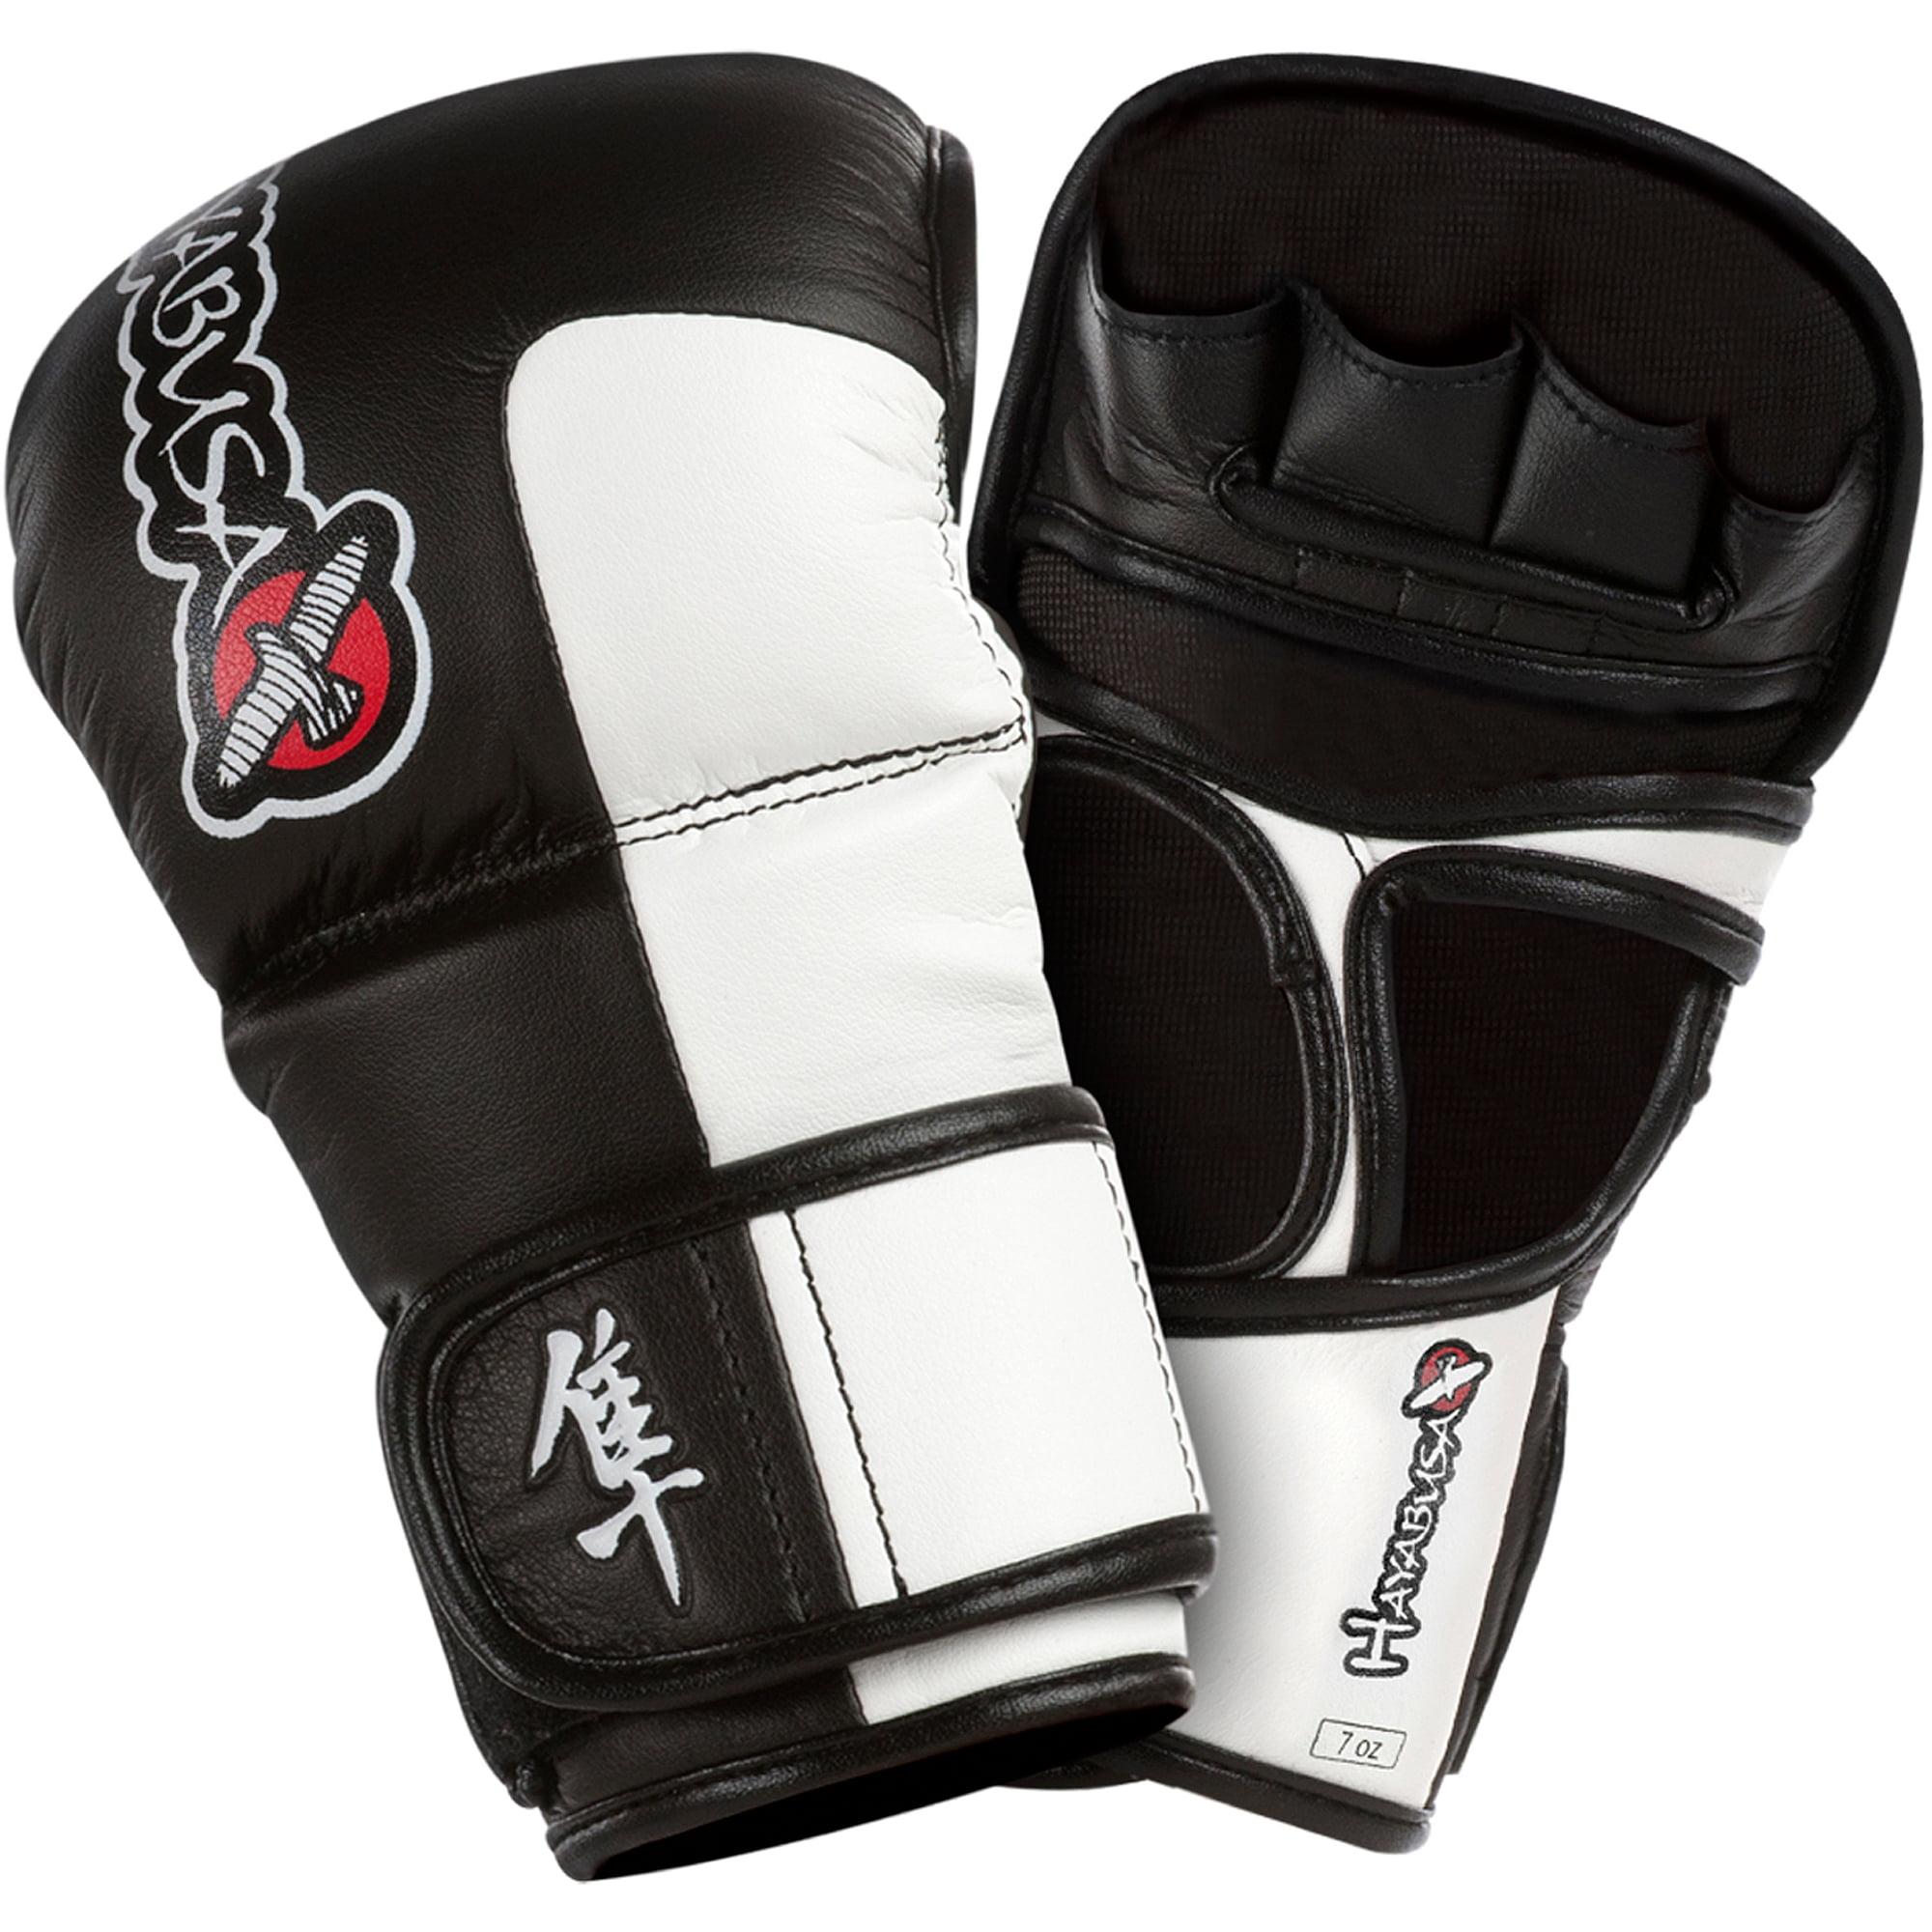 Hayabusa Tokushu Hybrid Gloves, 7 oz